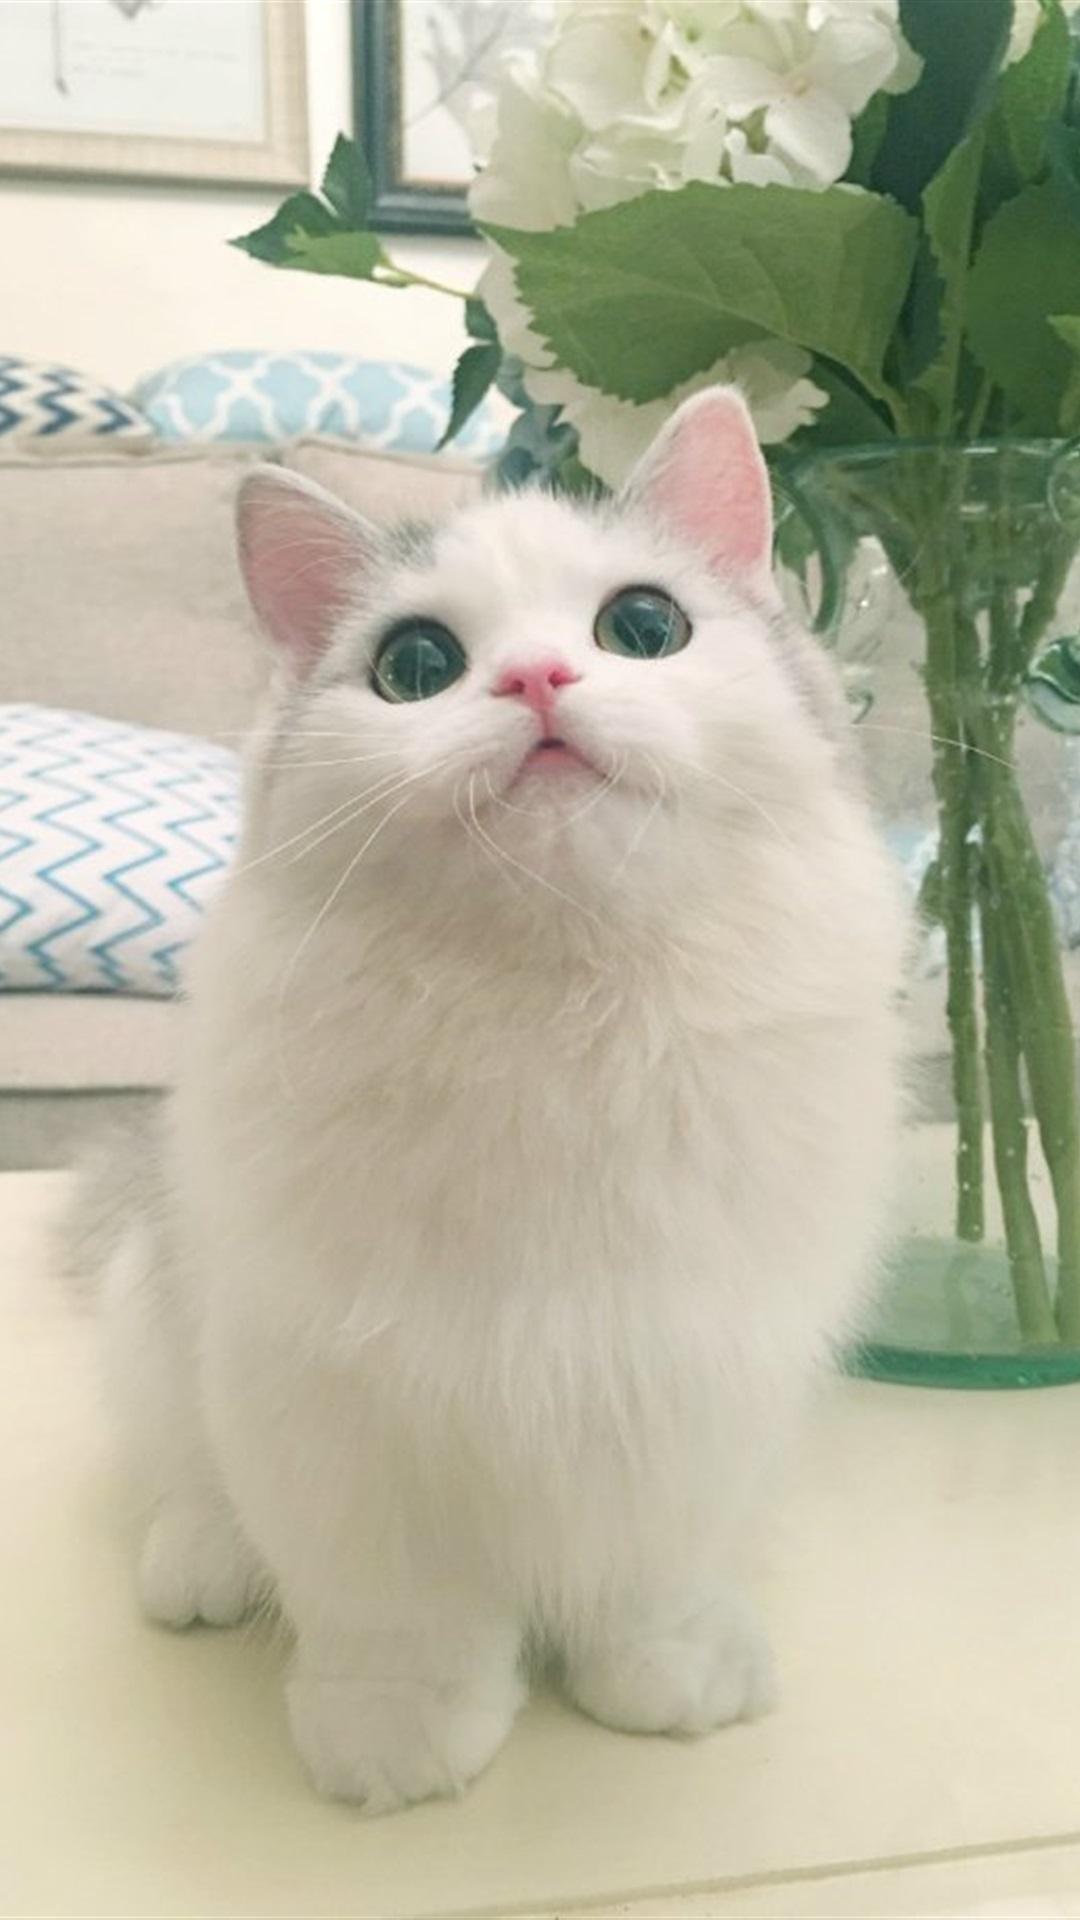 【v粉壁纸】可爱小猫咪超萌手机壁纸